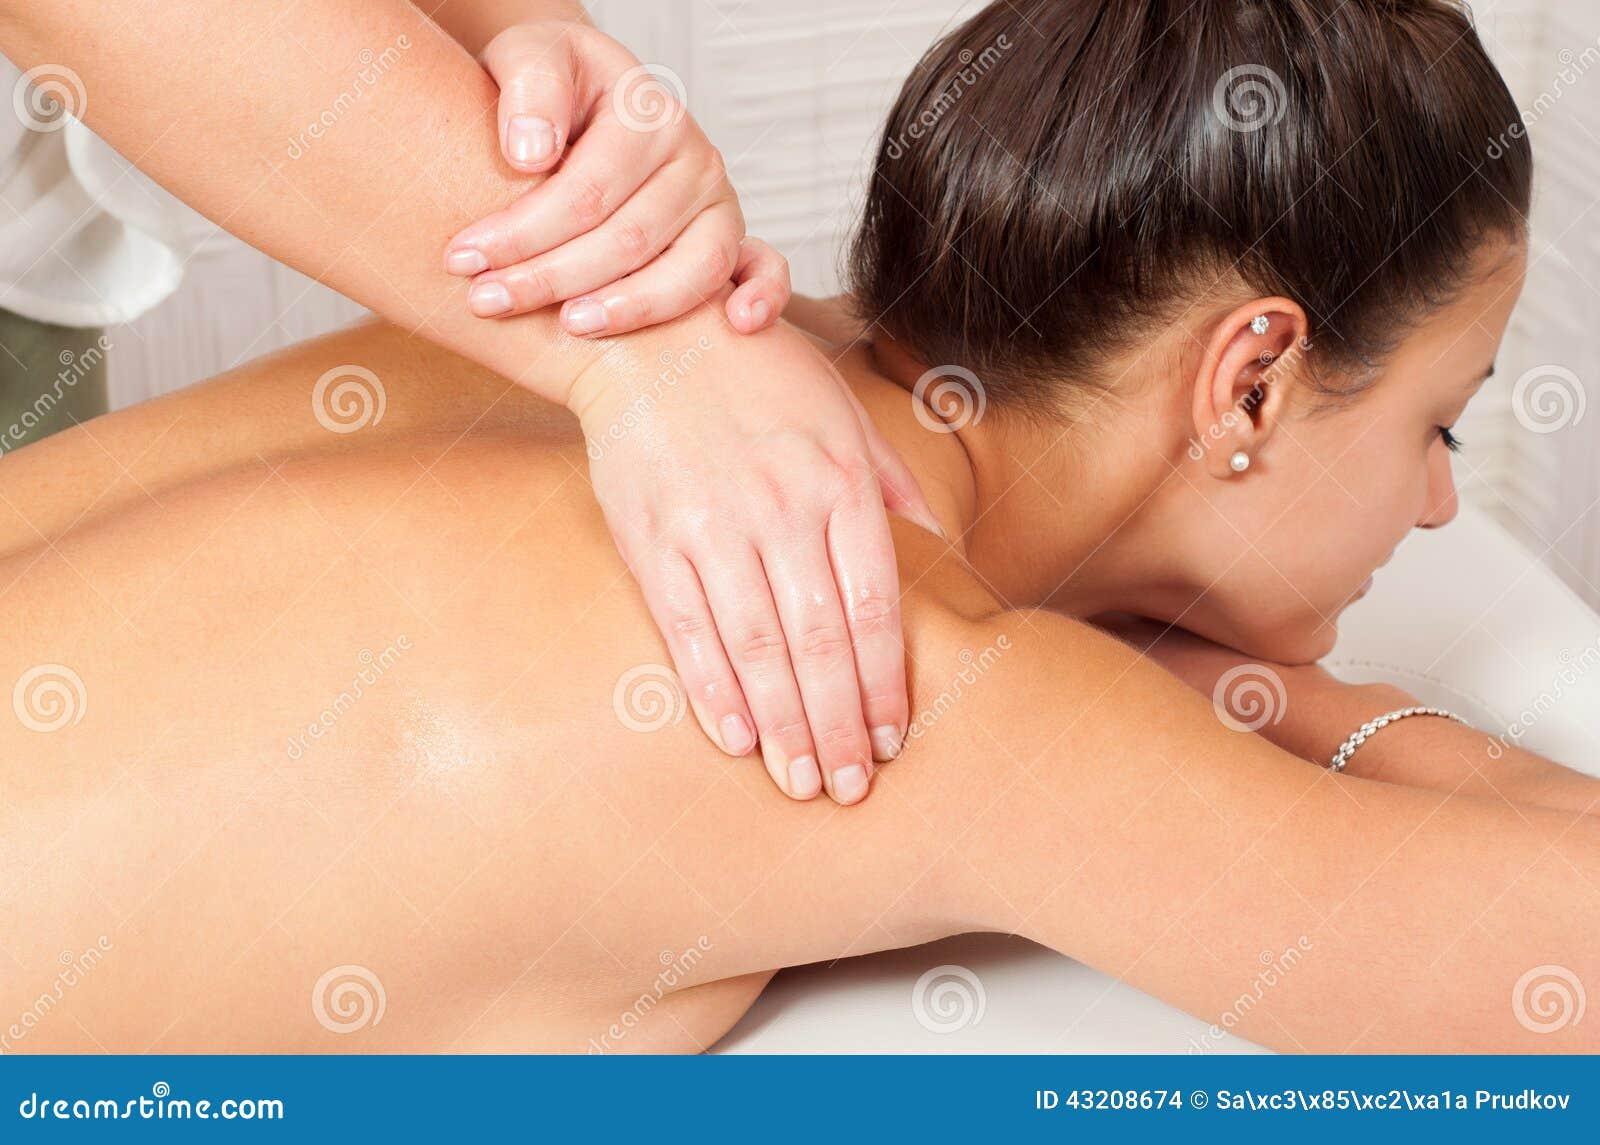 Download Unga Kvinnor Som Får Tillbaka Massage Arkivfoto - Bild av naturligt, händer: 43208674